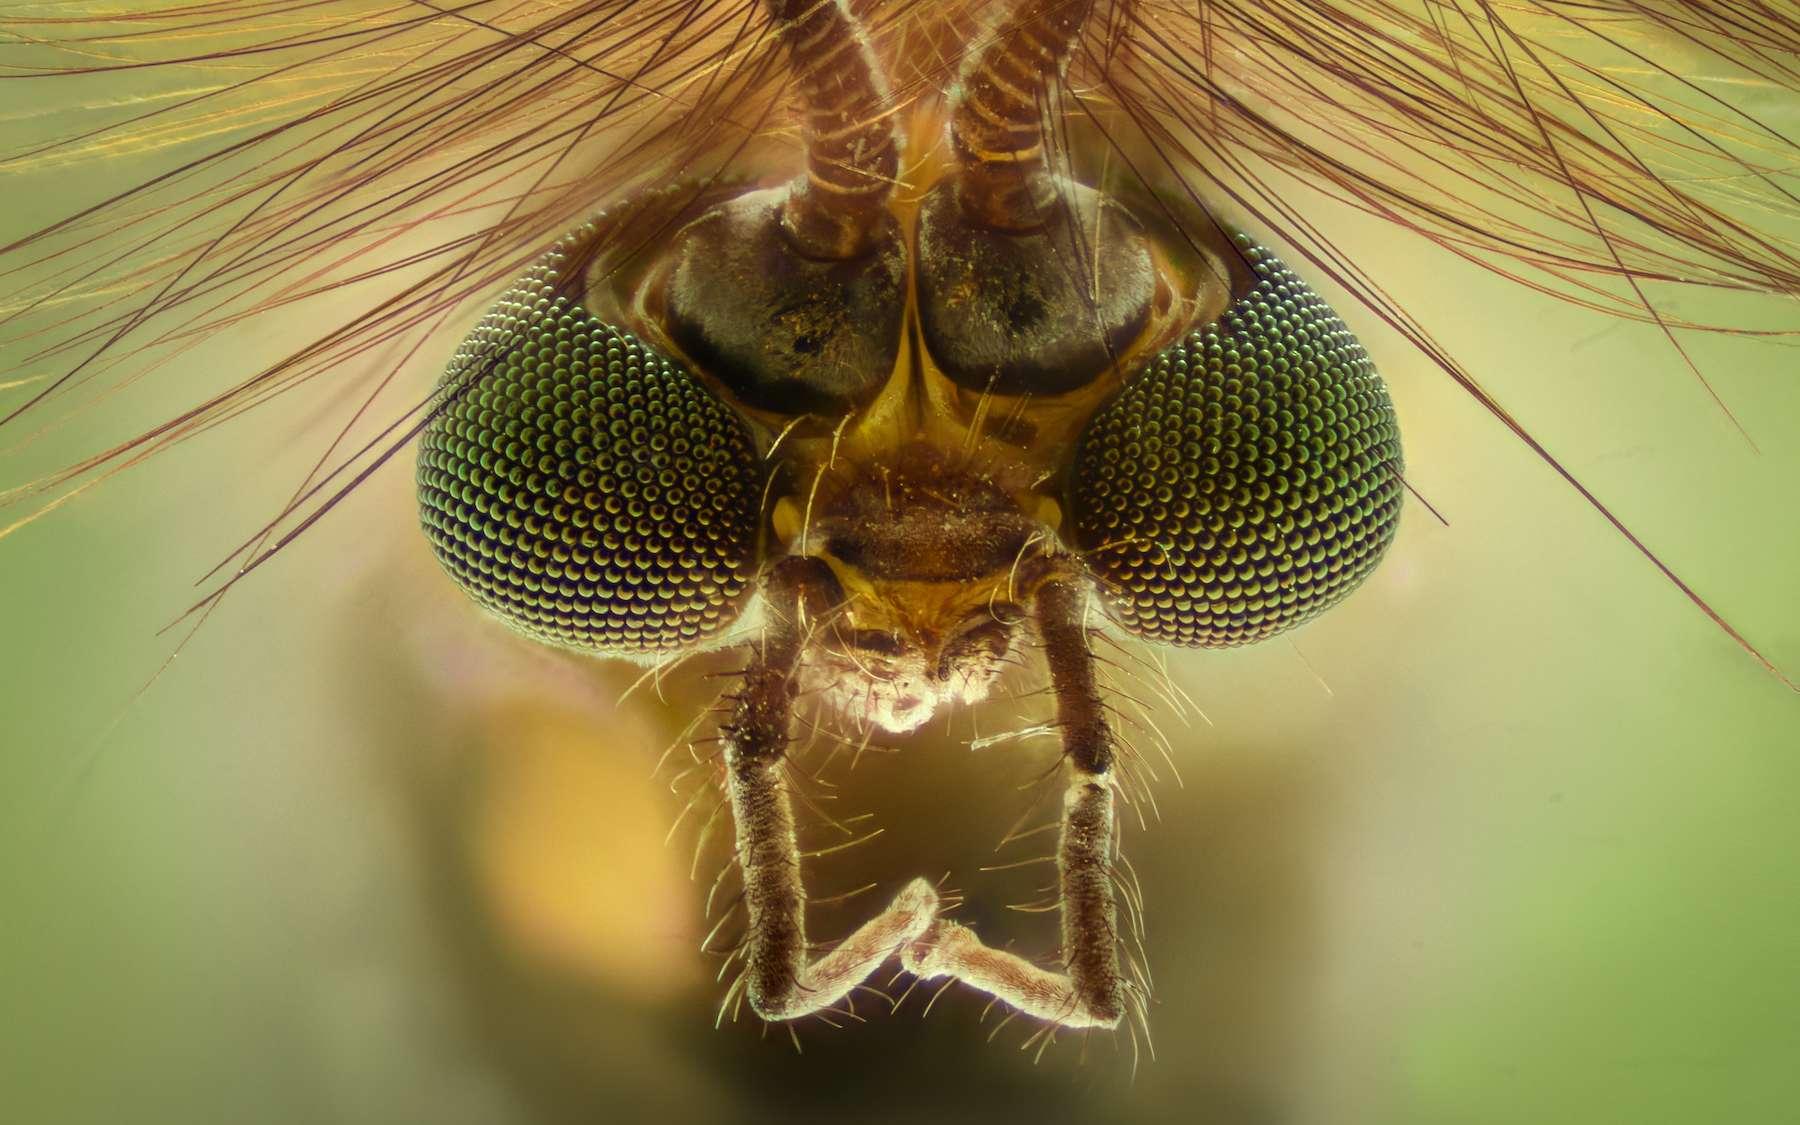 Les moustiques distinguent très mal les couleurs mais sont attirés par les couleurs sombres. © constantincornel, Adobe Stock